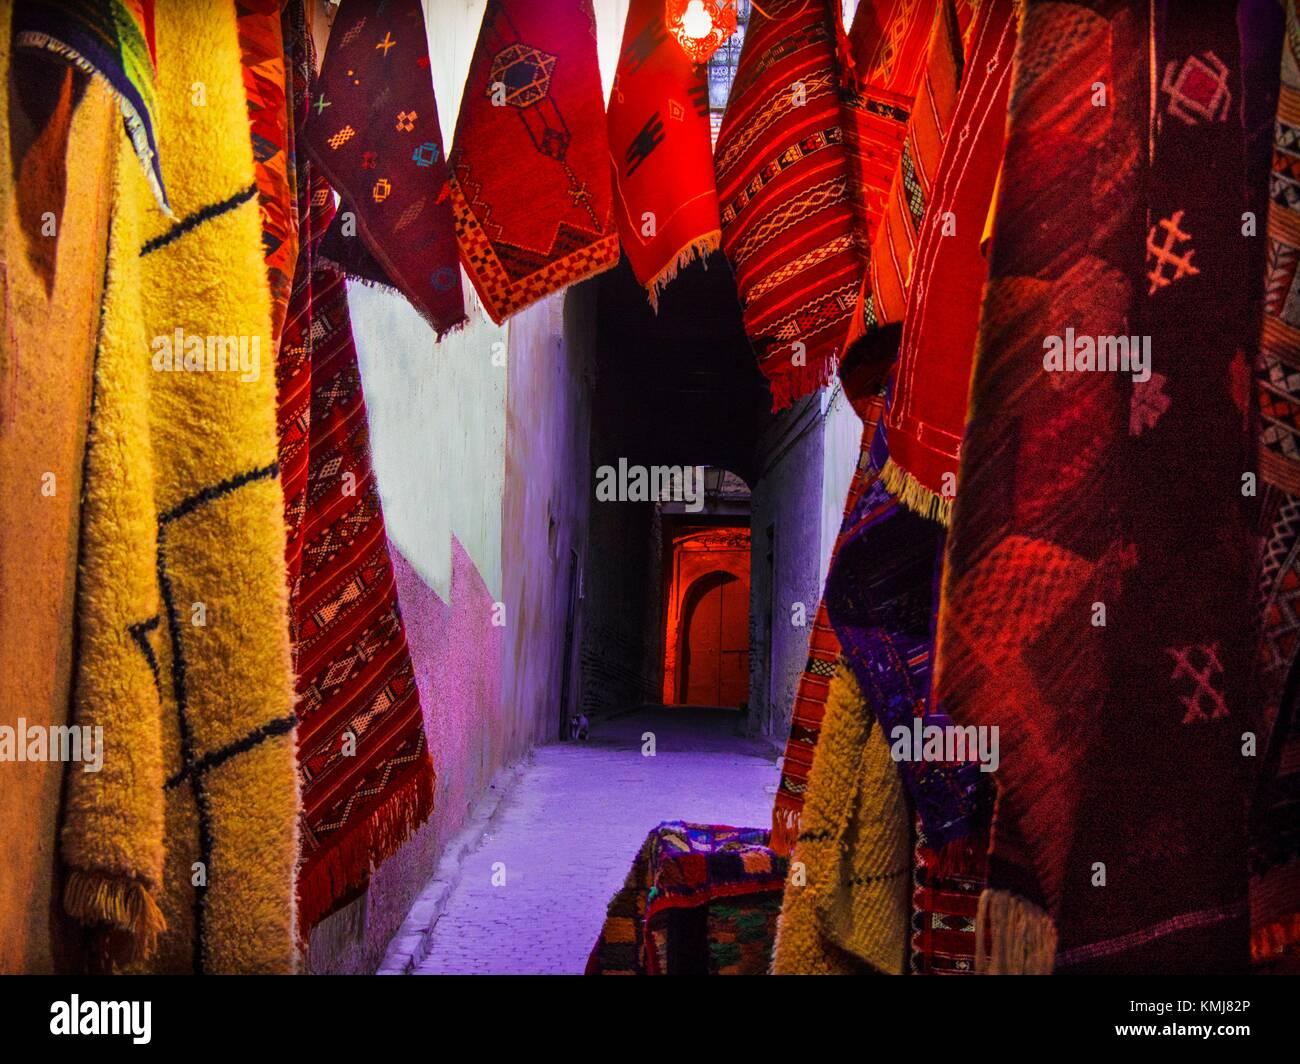 Il Marocco, Fes, artigiani. Tappeti fatti a mano in mostra in una piccola strada del 'Medina' (parte Vecchia) Immagini Stock